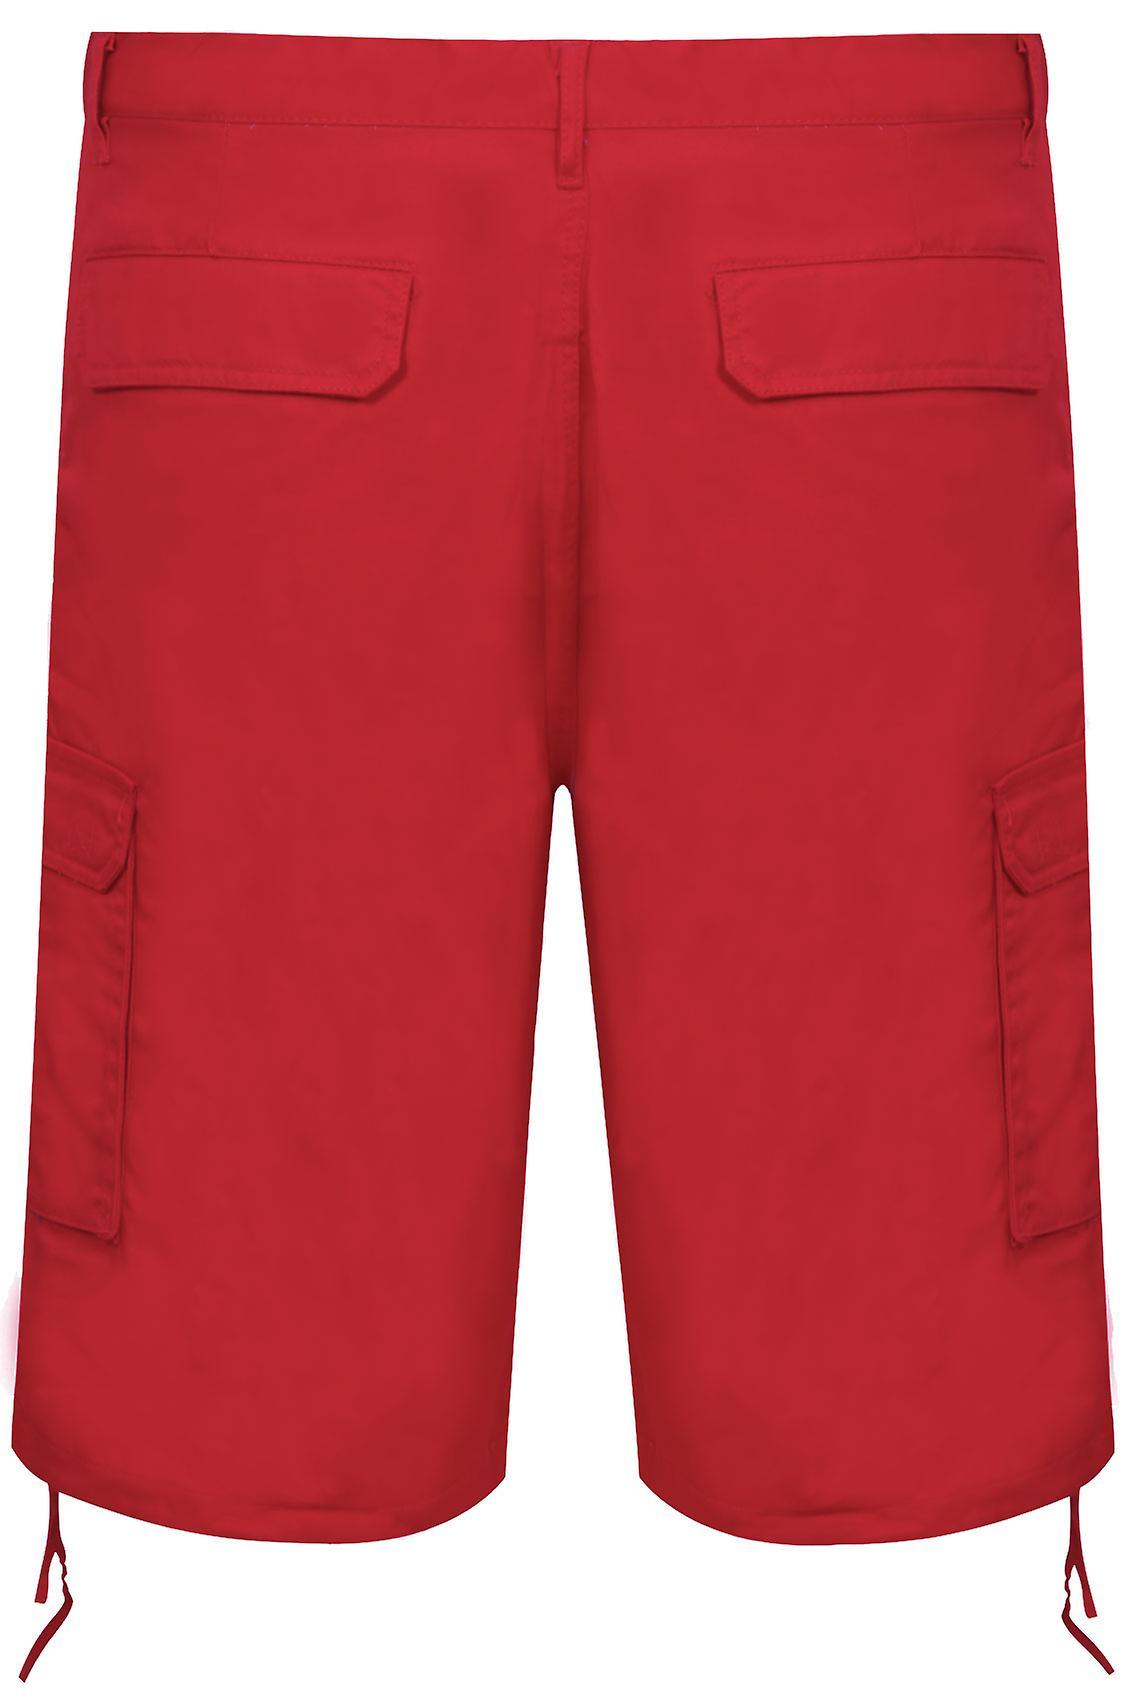 NOIZ Dark Red Cotton Cargo Shorts With Pockets